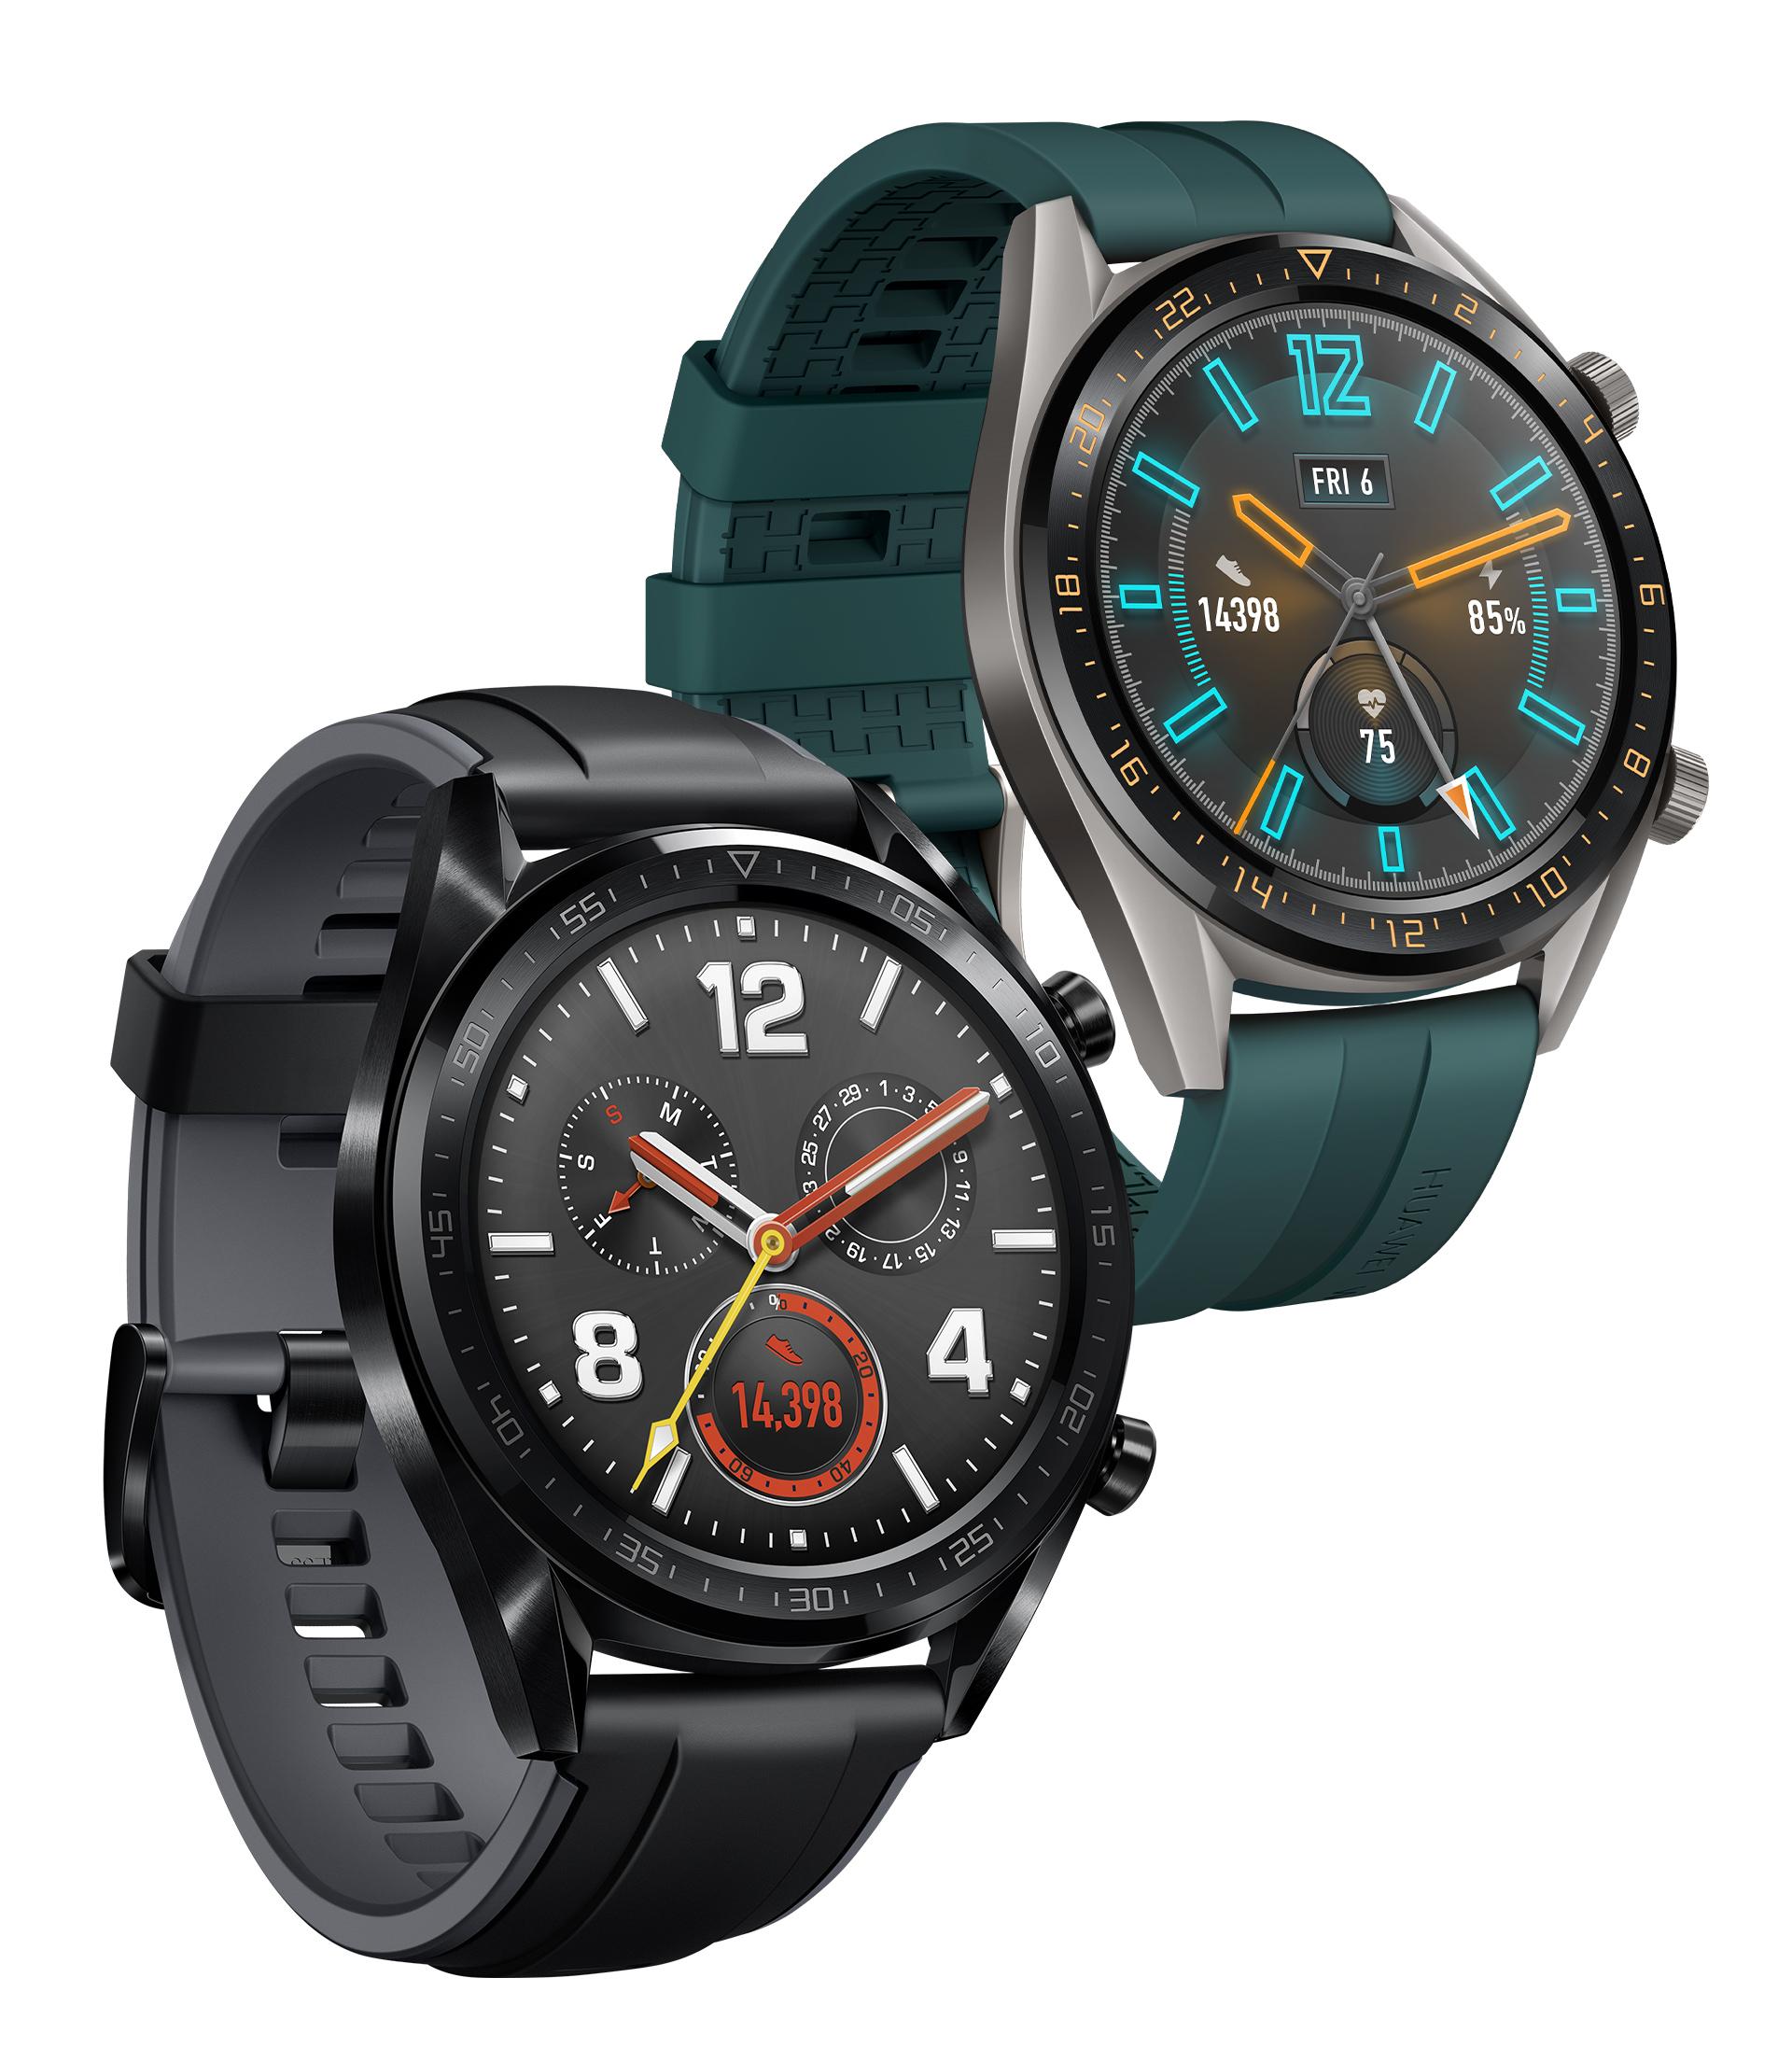 HUAWEI Watch GT in Schwarz und Grün